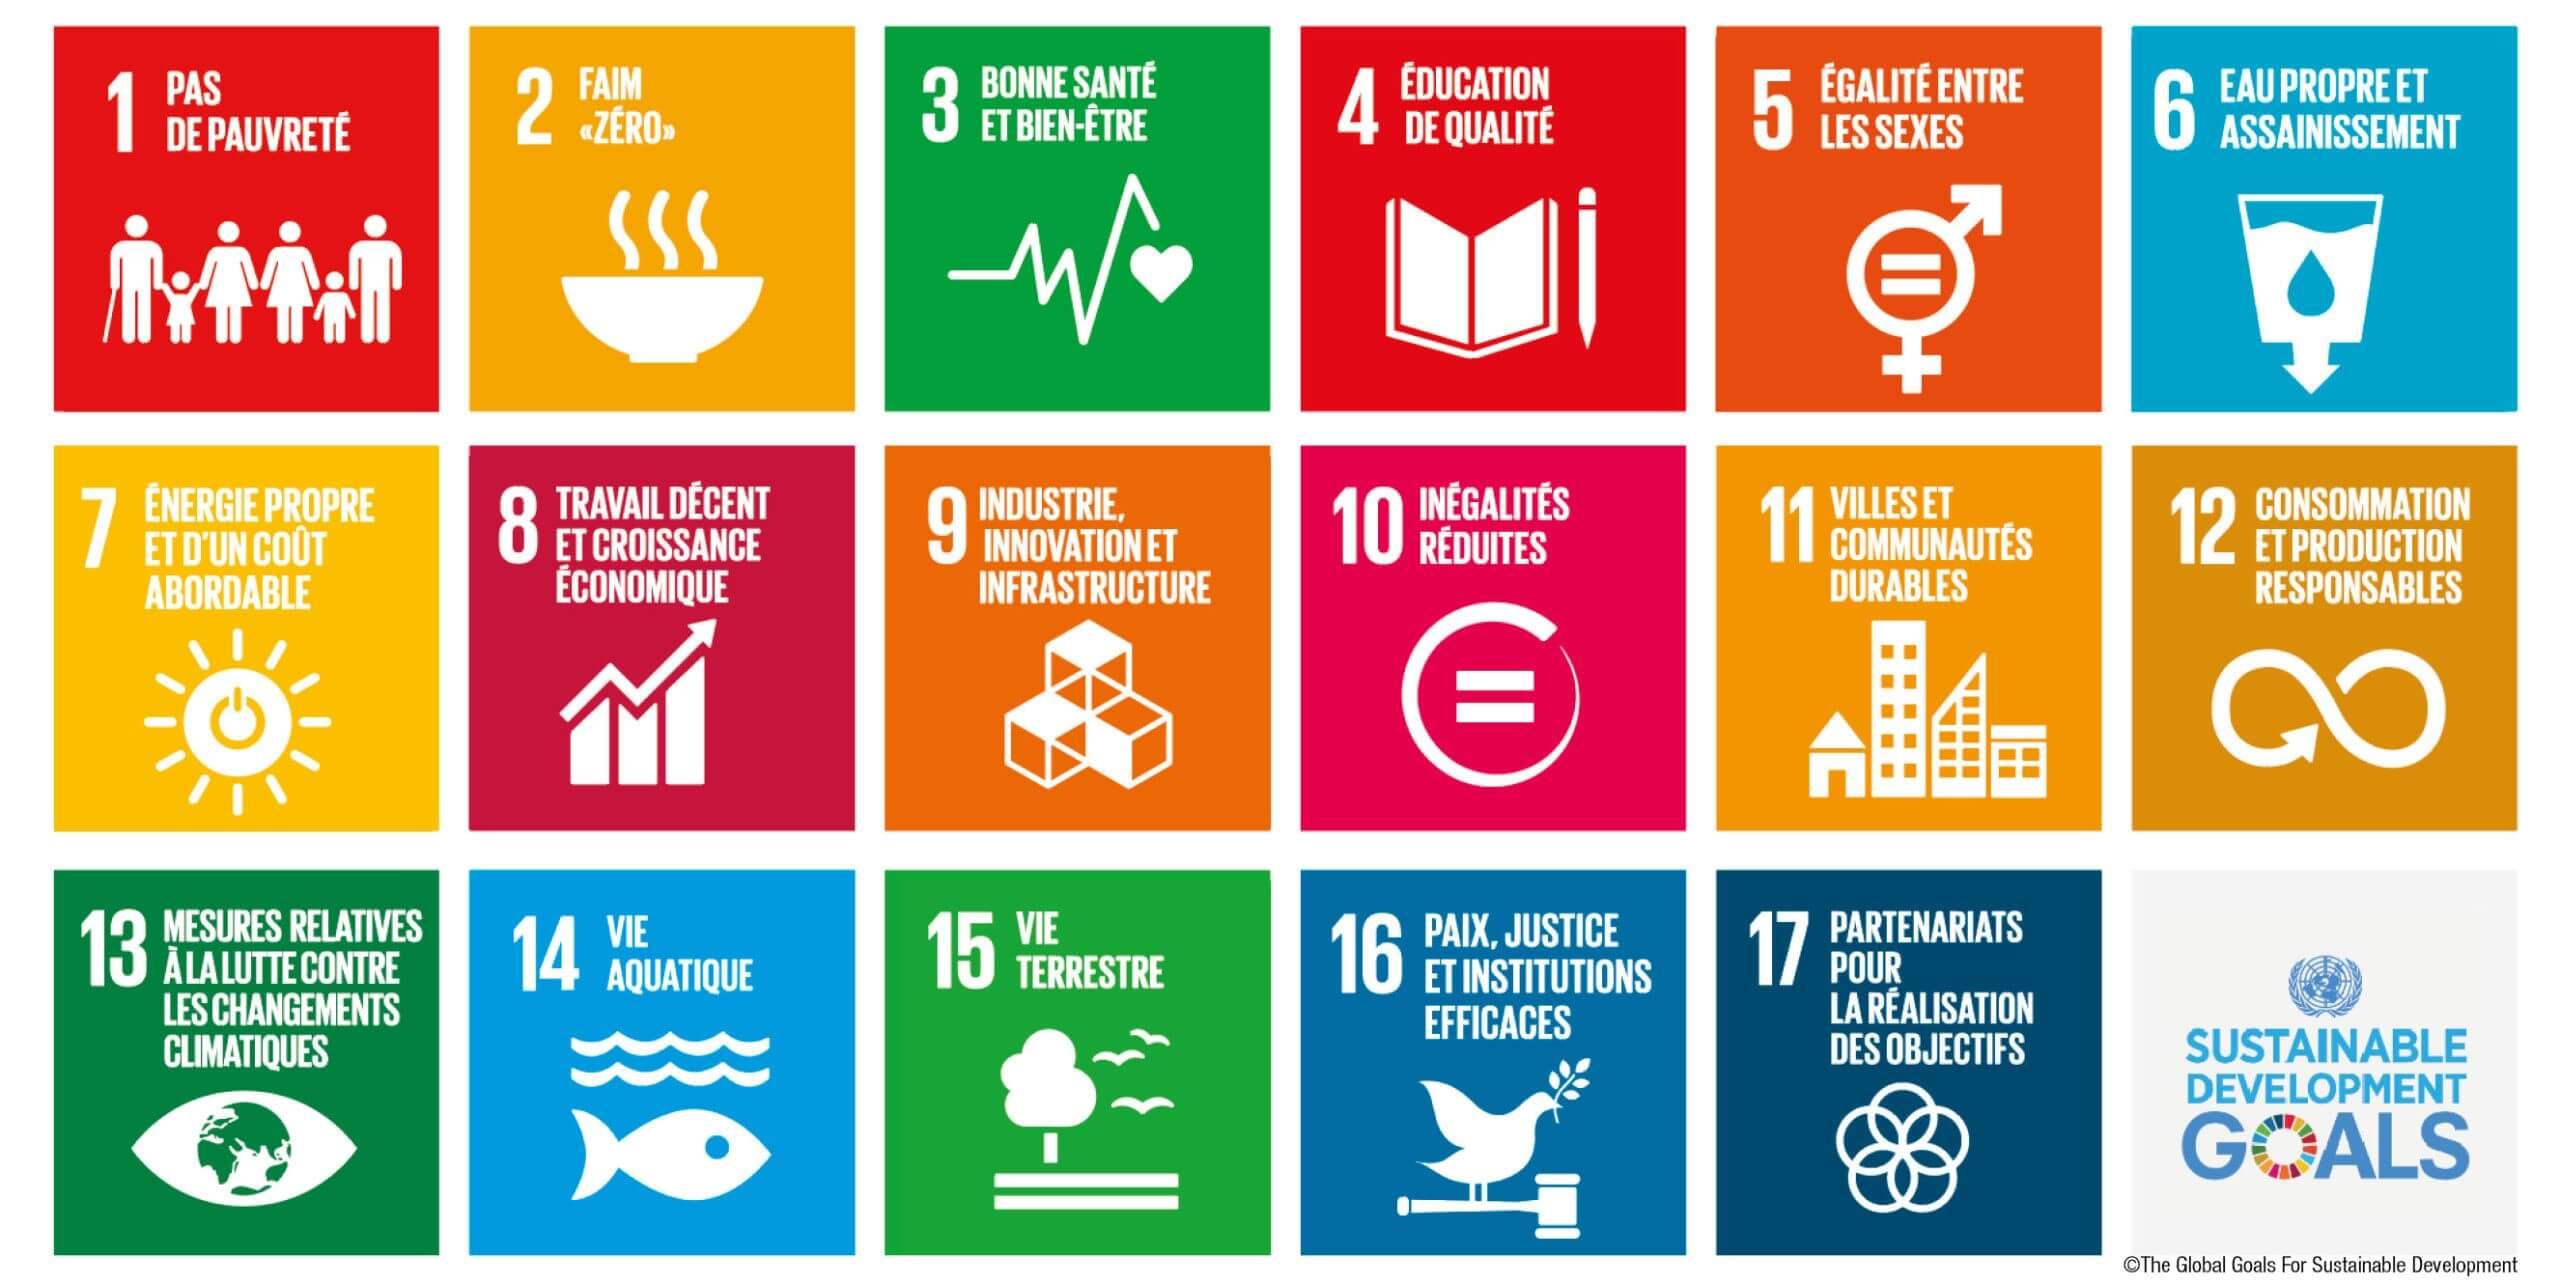 engagements développement durable